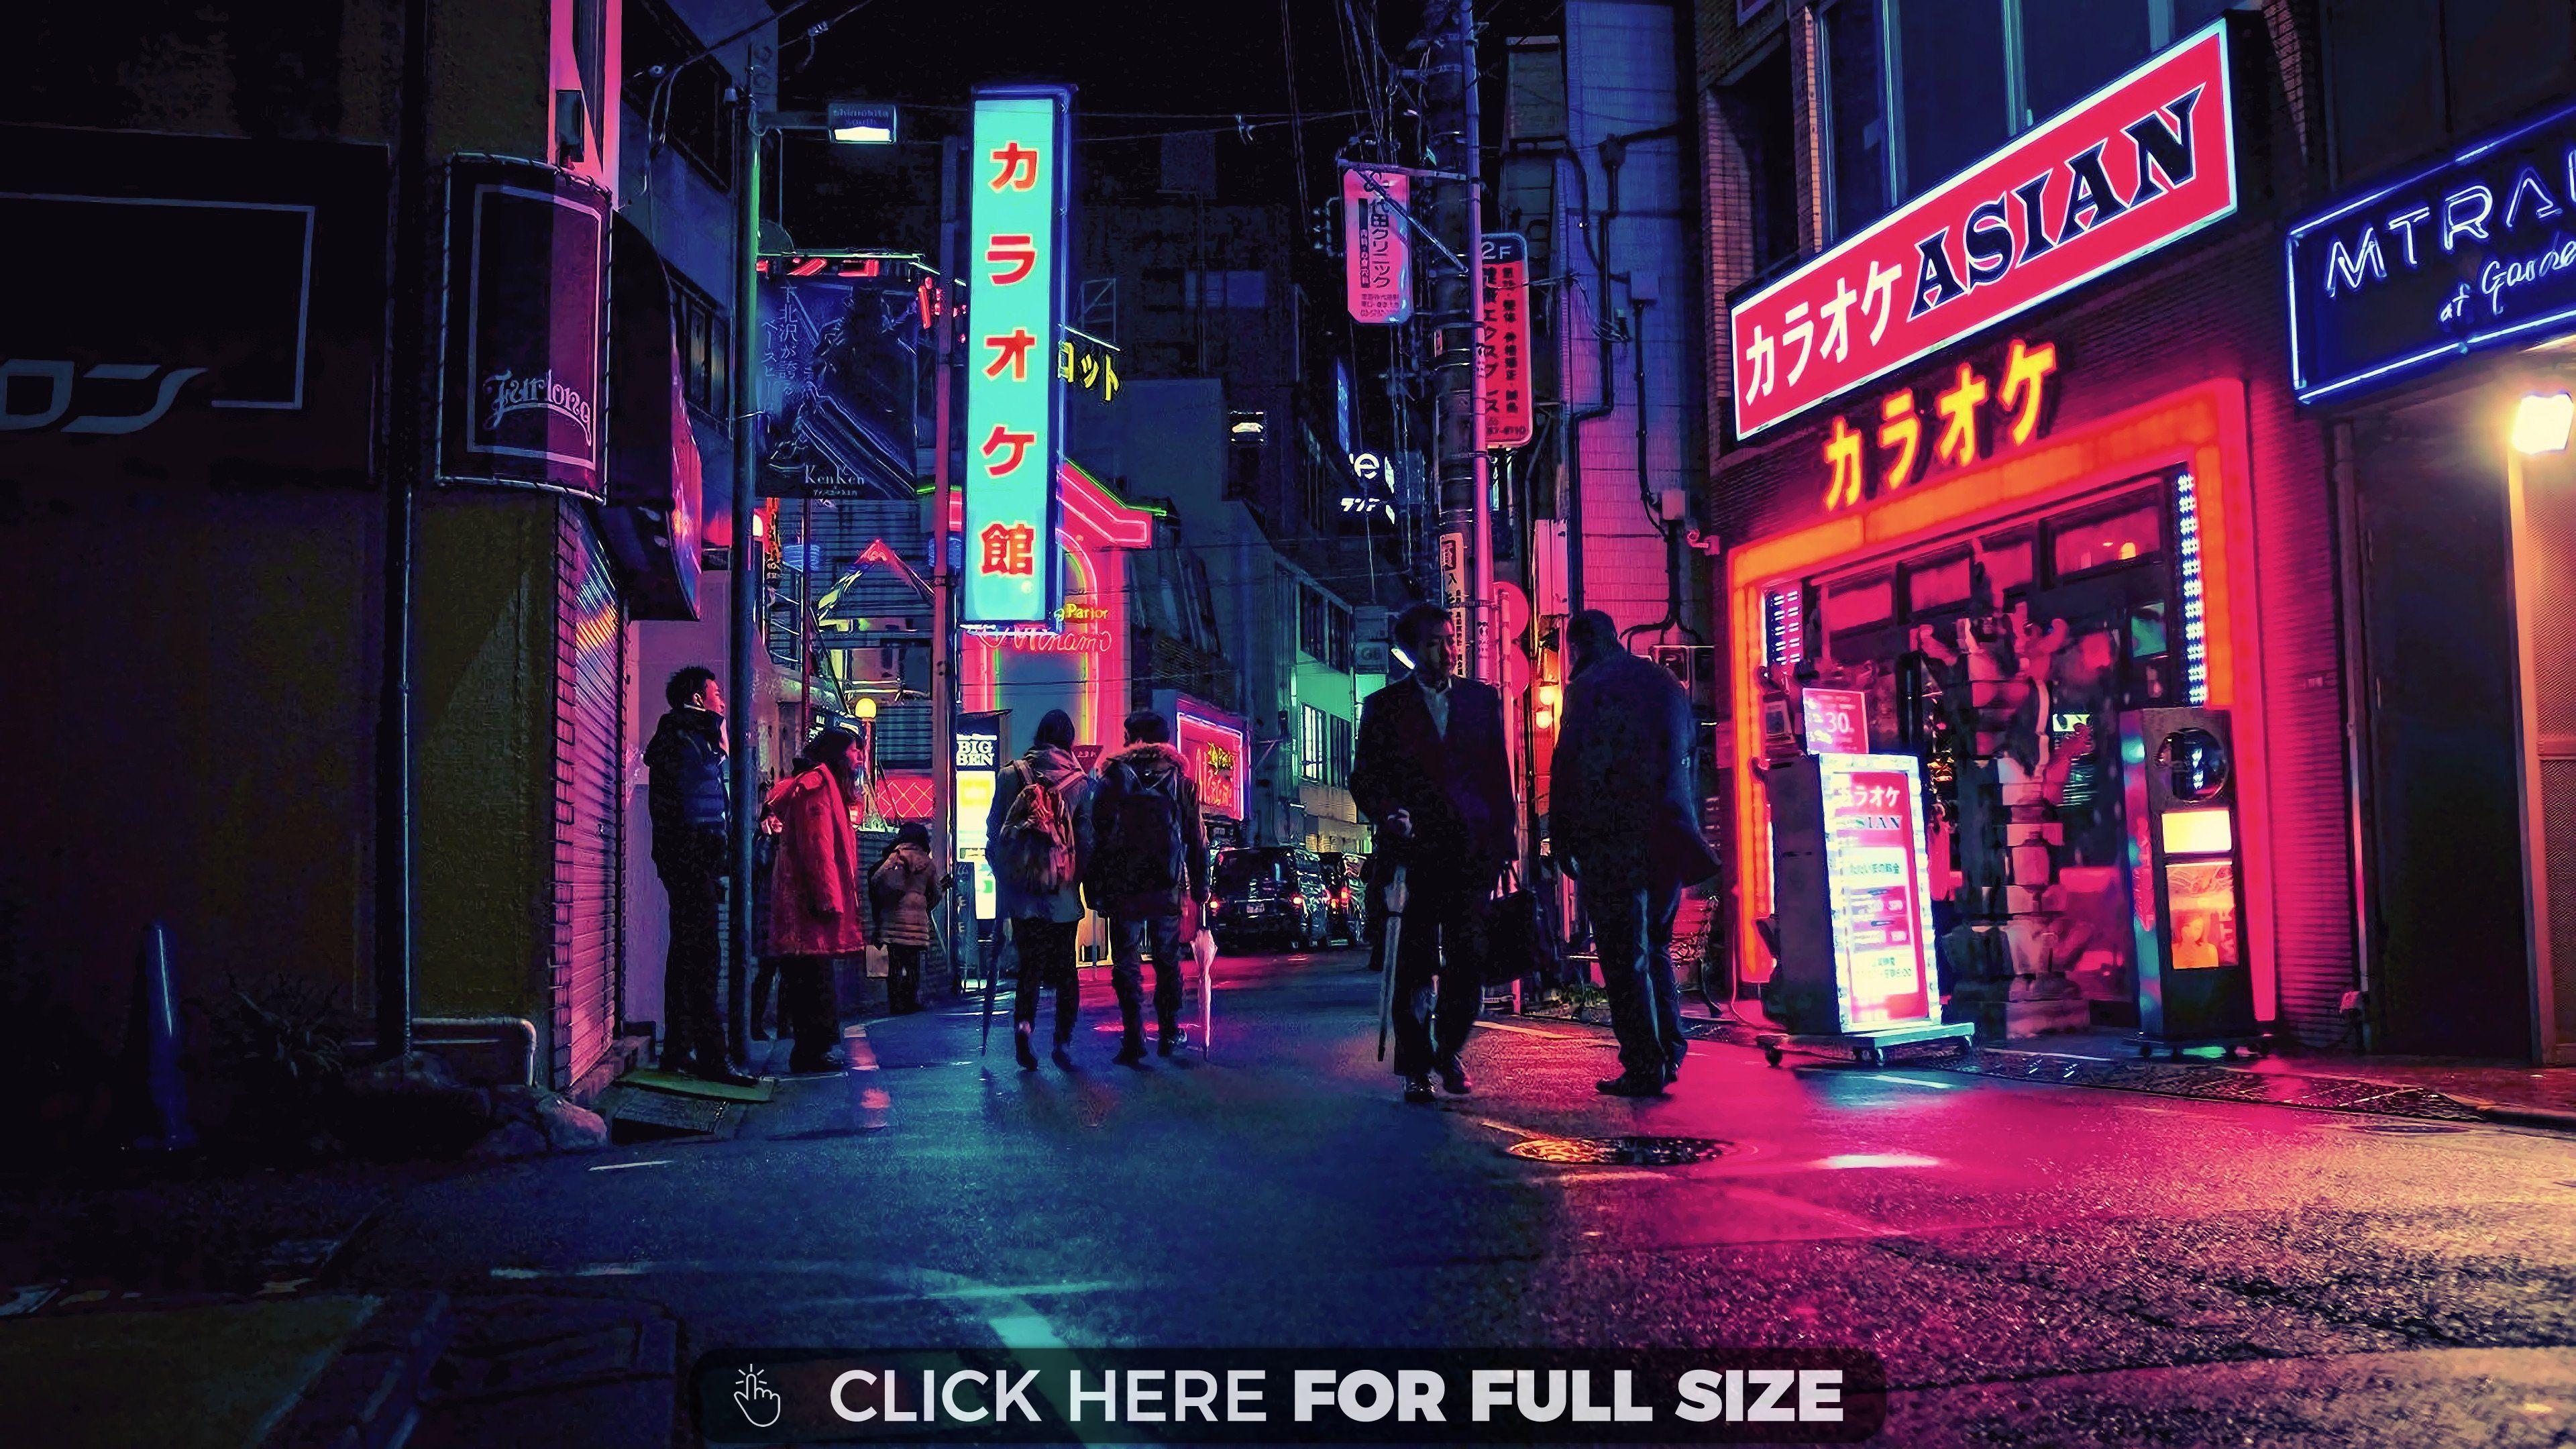 Neon City Uhd 4k Wallpaper Pixelz In 2020 City Wallpaper Neon Wallpaper Art Wallpaper